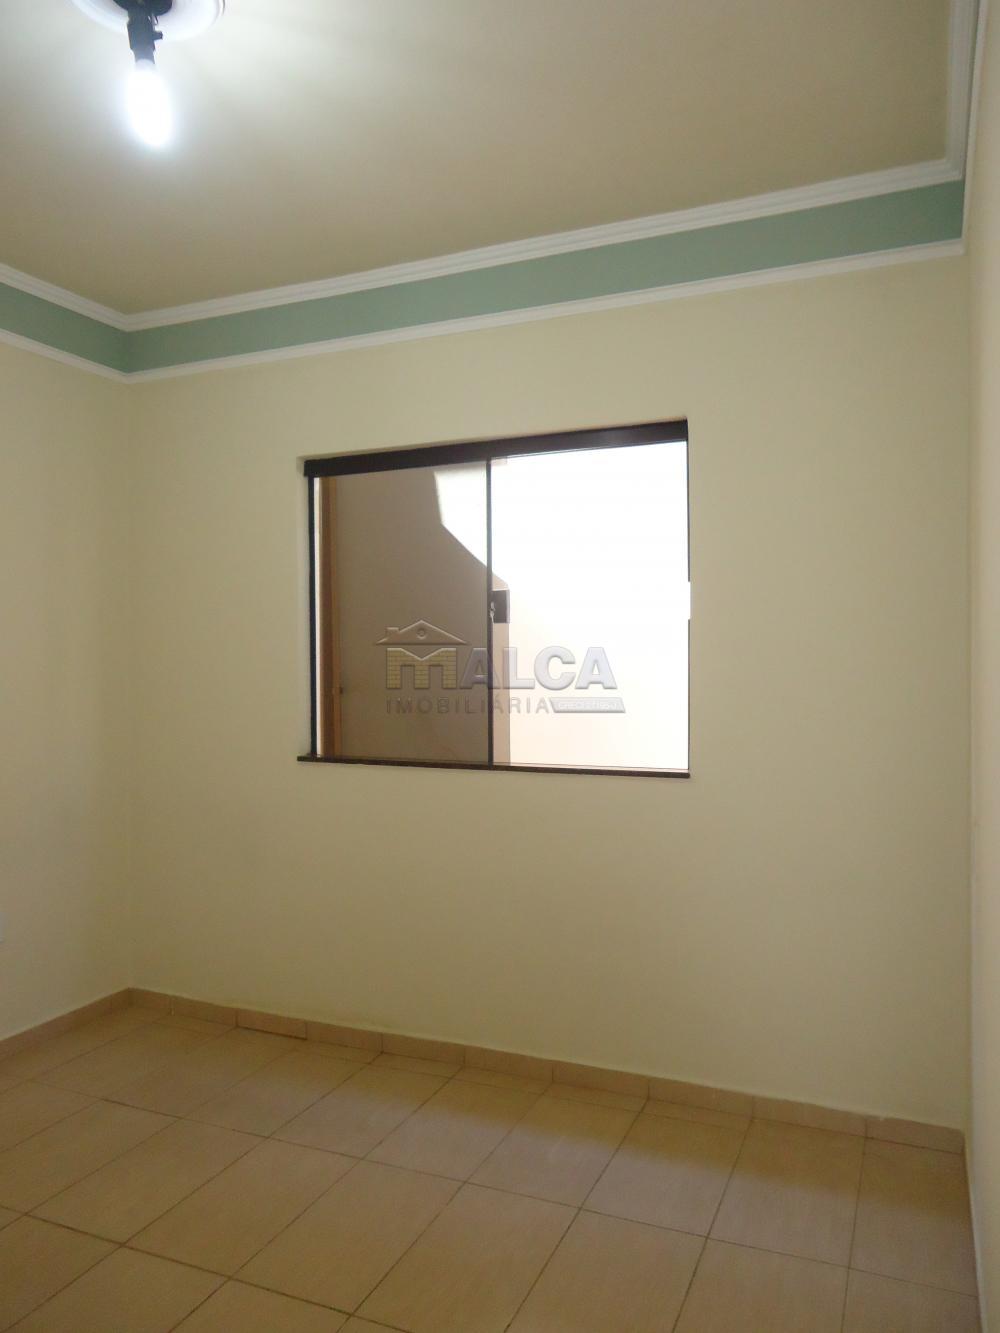 Alugar Casas / Padrão em São José do Rio Pardo R$ 1.500,00 - Foto 25